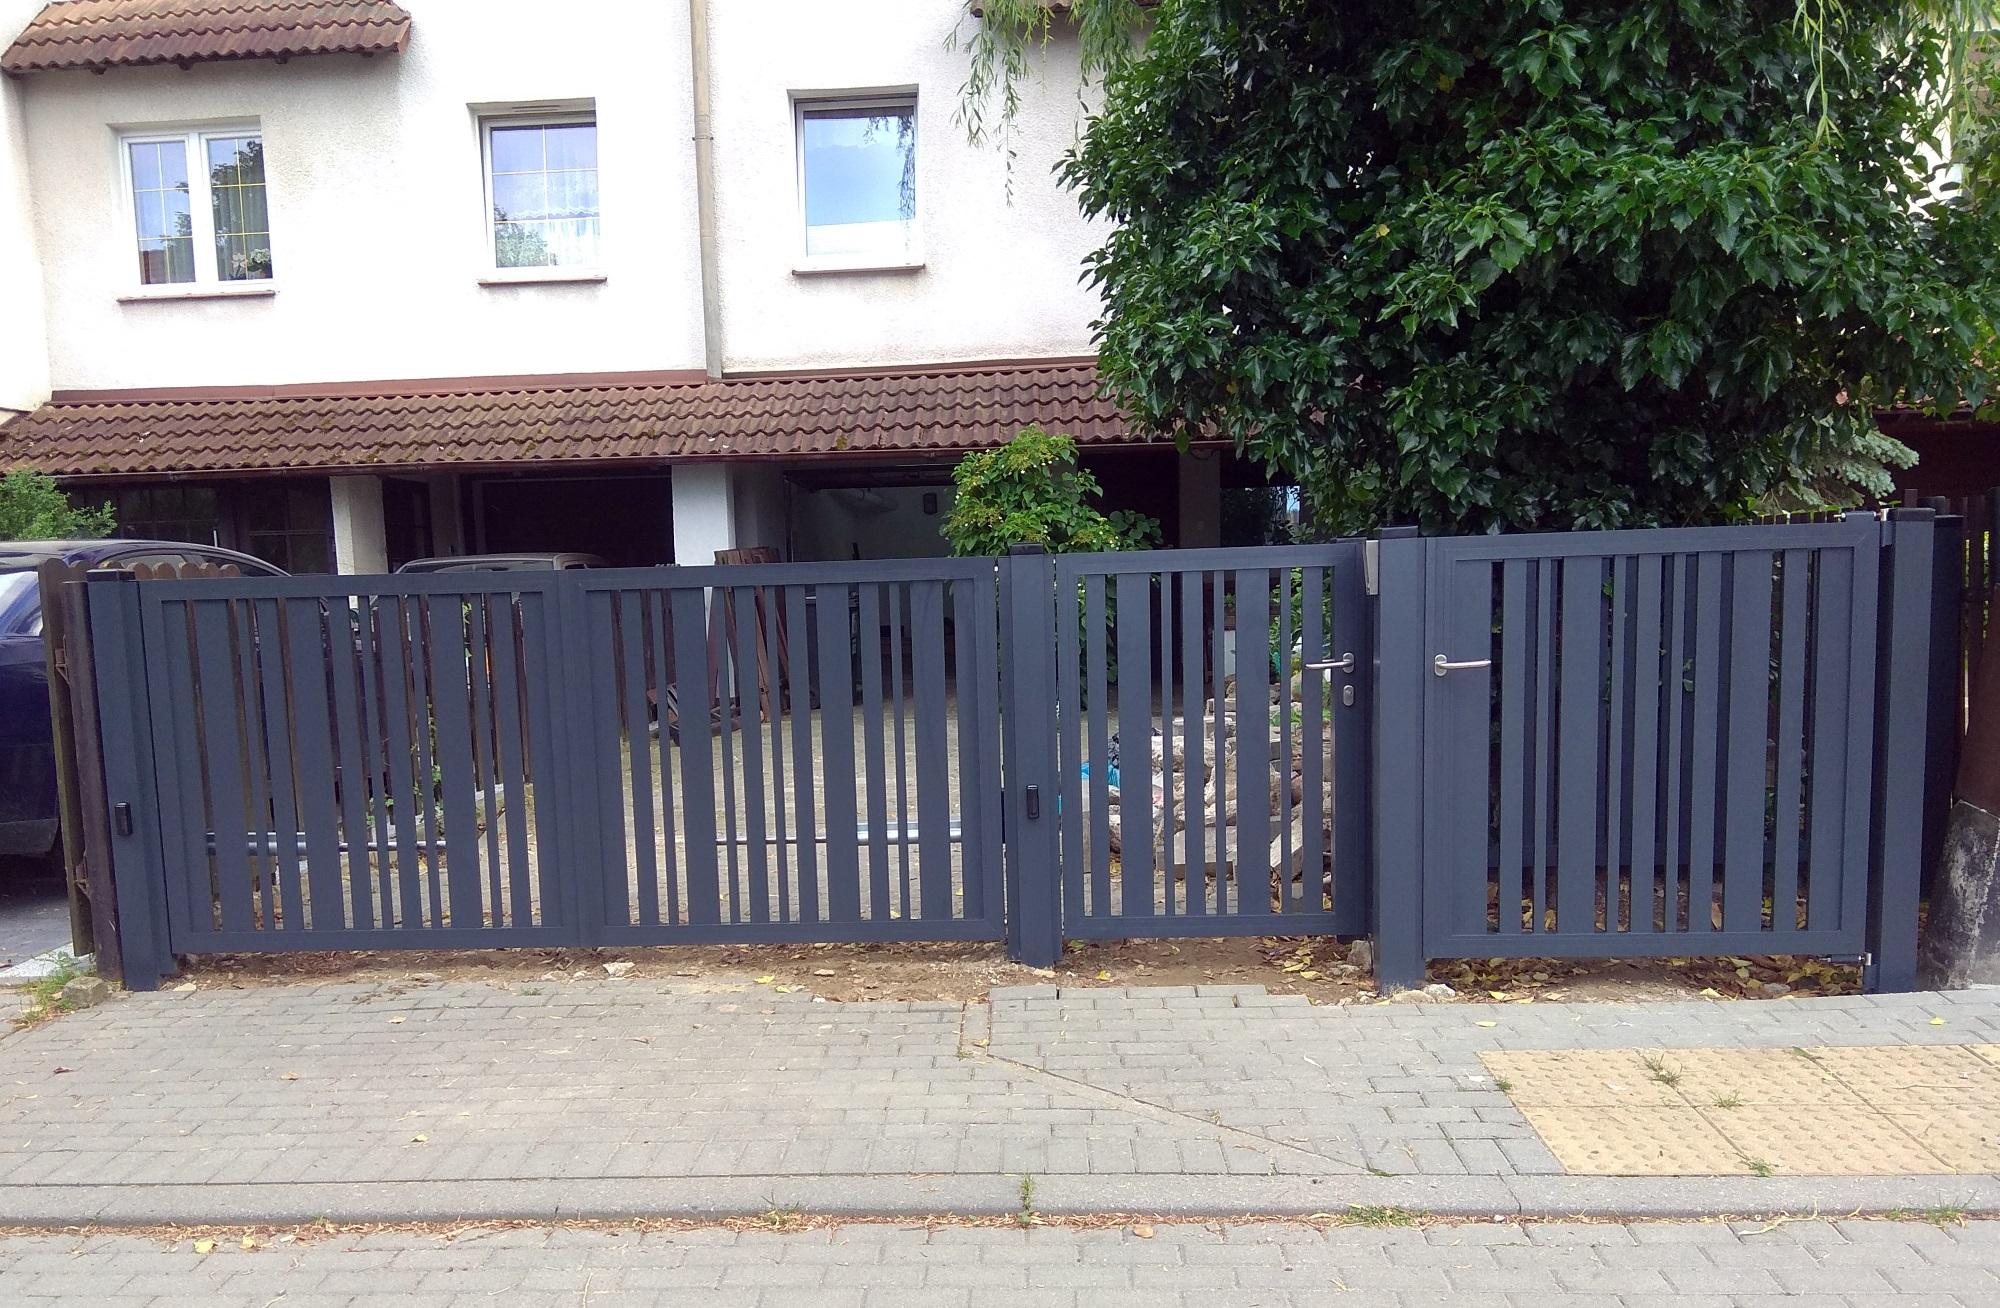 Brama z pionowymi panelami